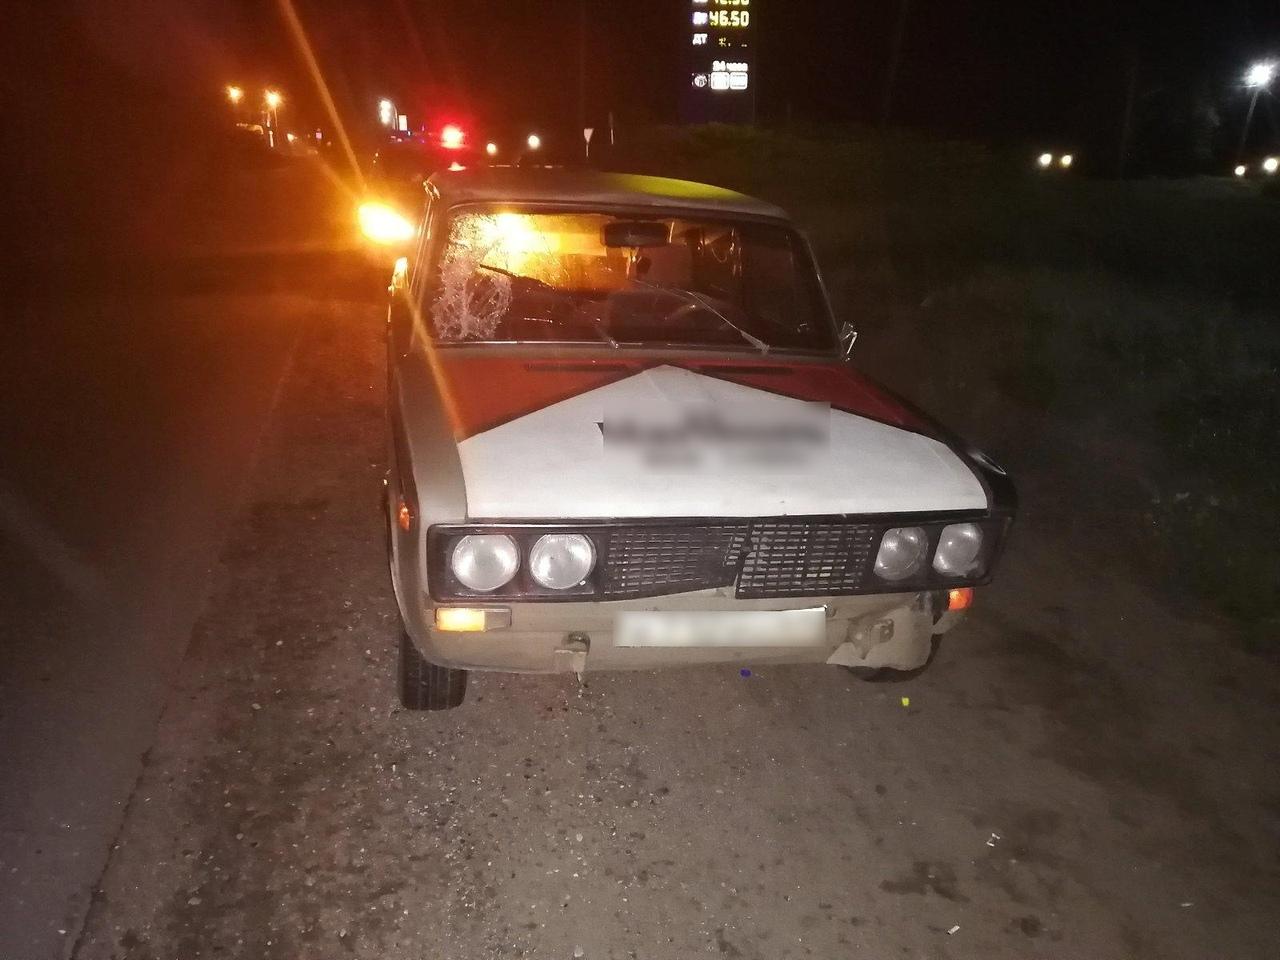 В Тверской области 19-летний водитель сбил 16-летнего пешехода - новости Афанасий